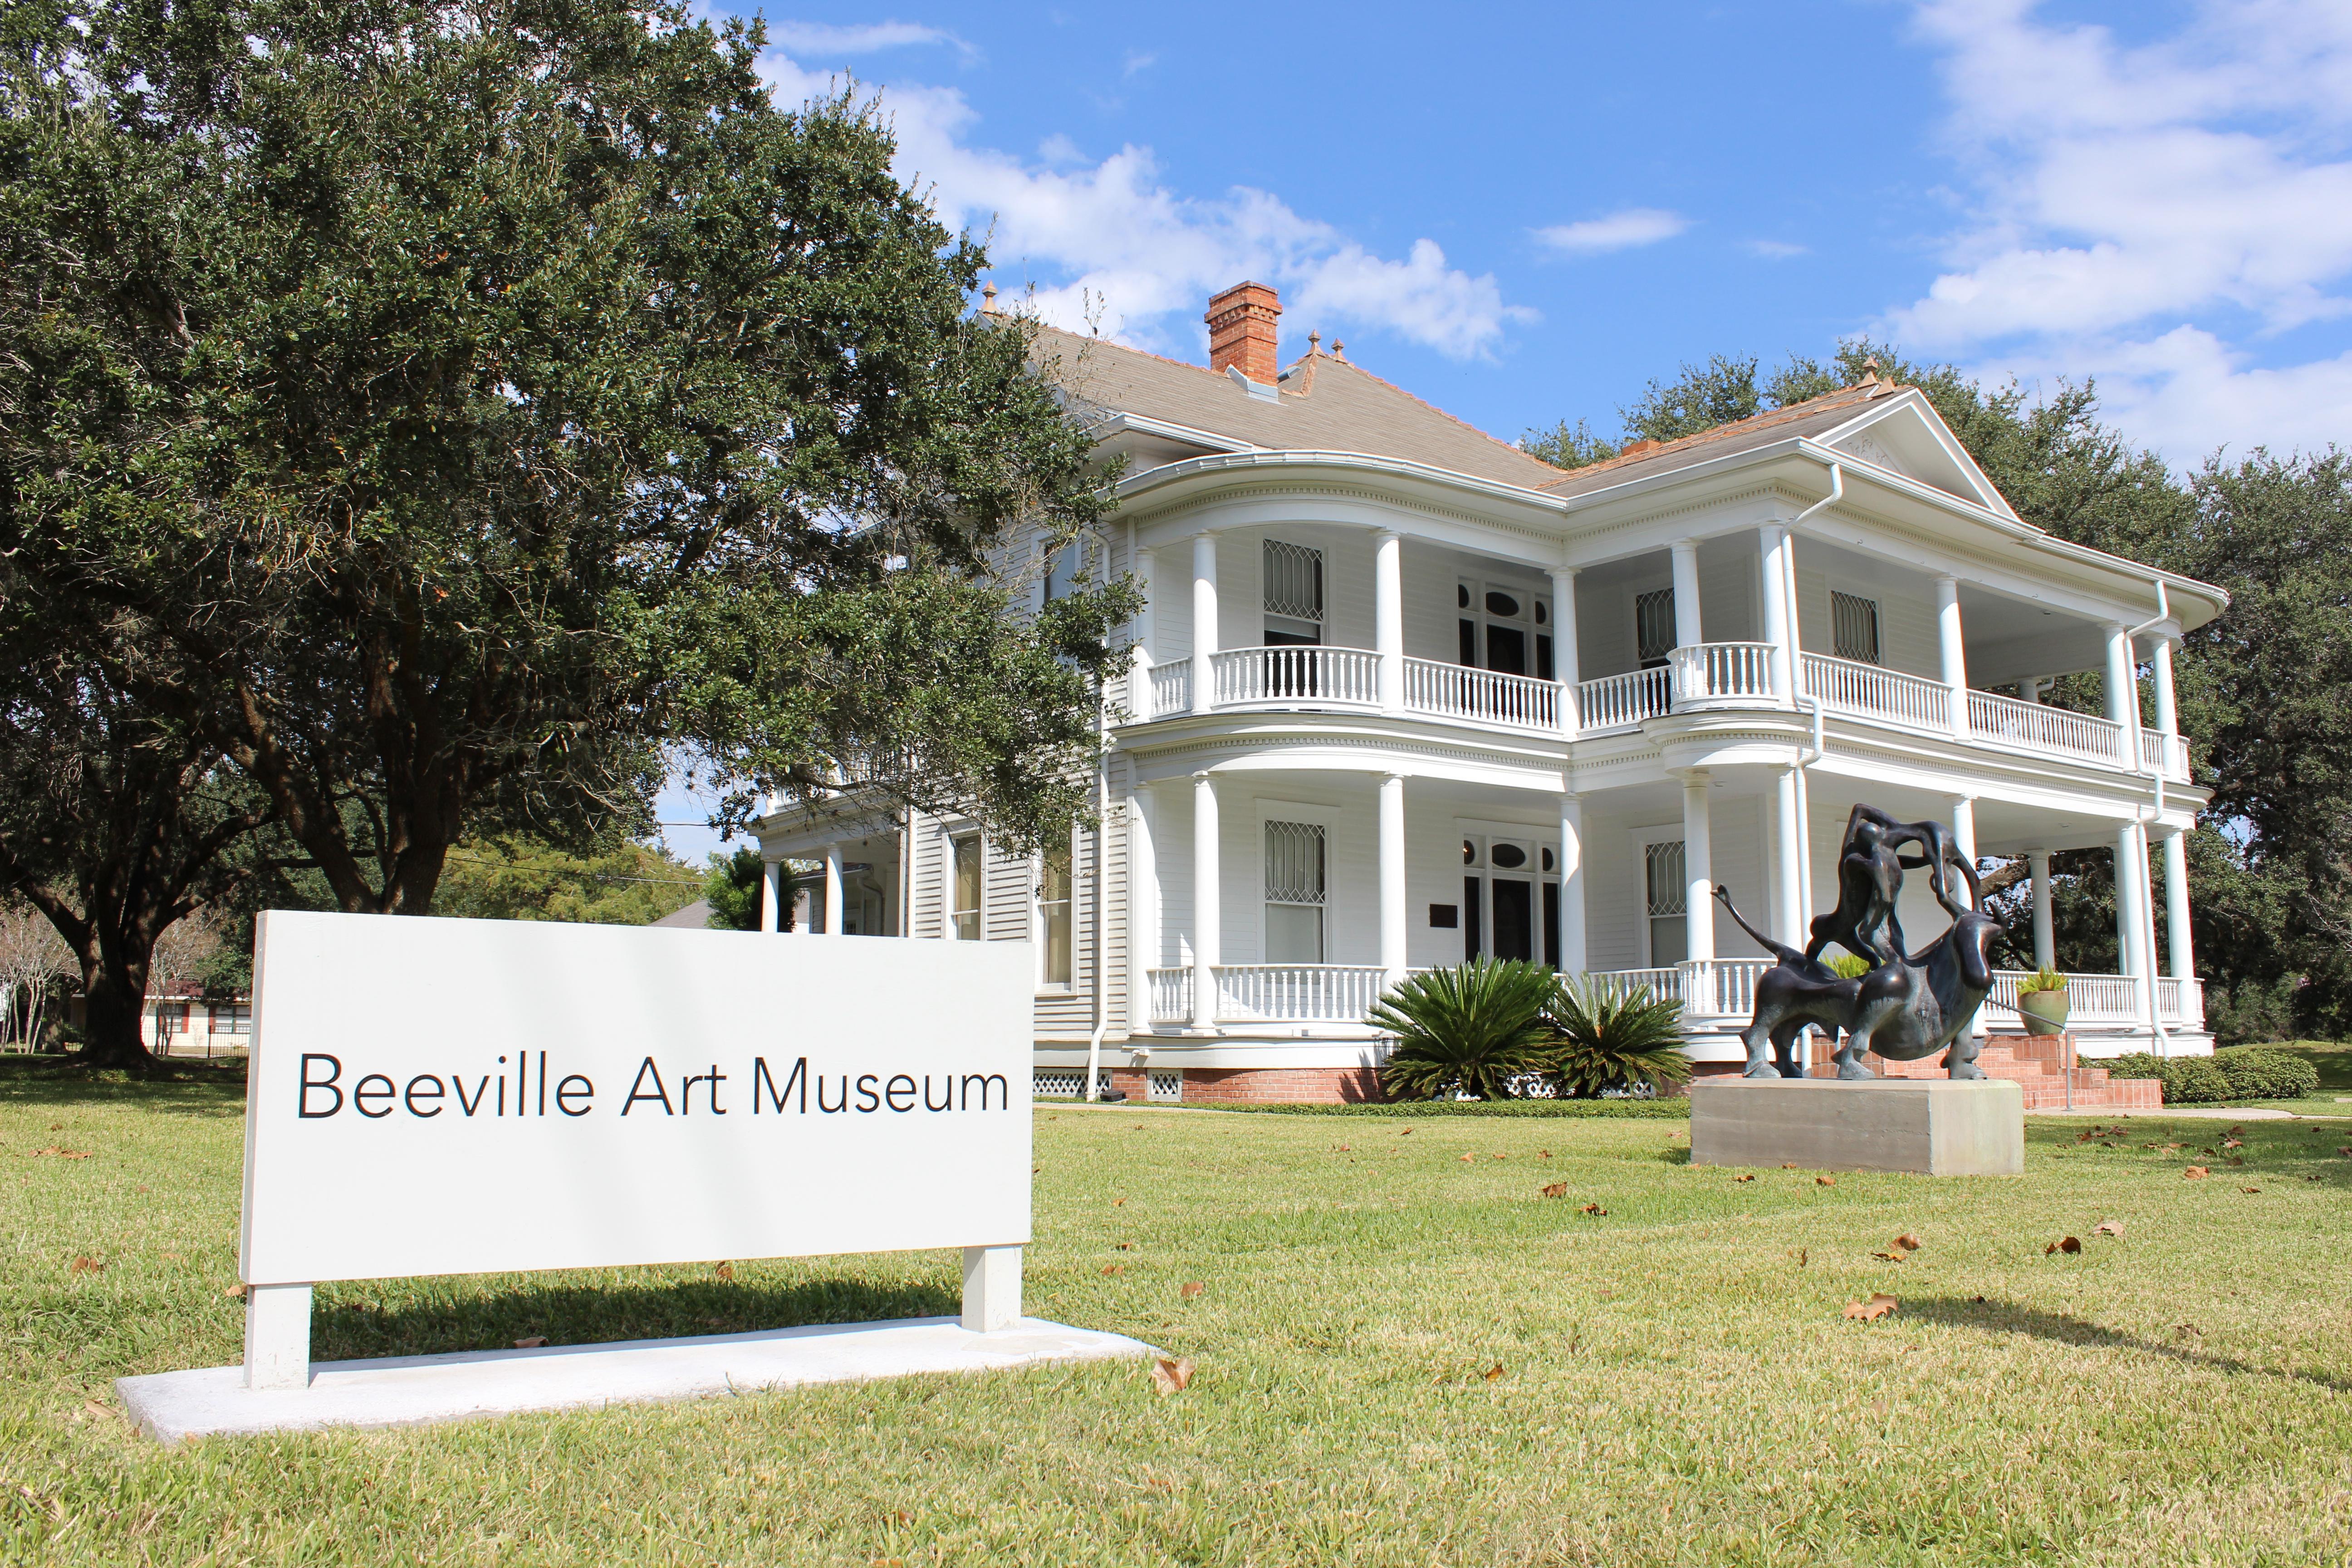 Beeville Art Museum